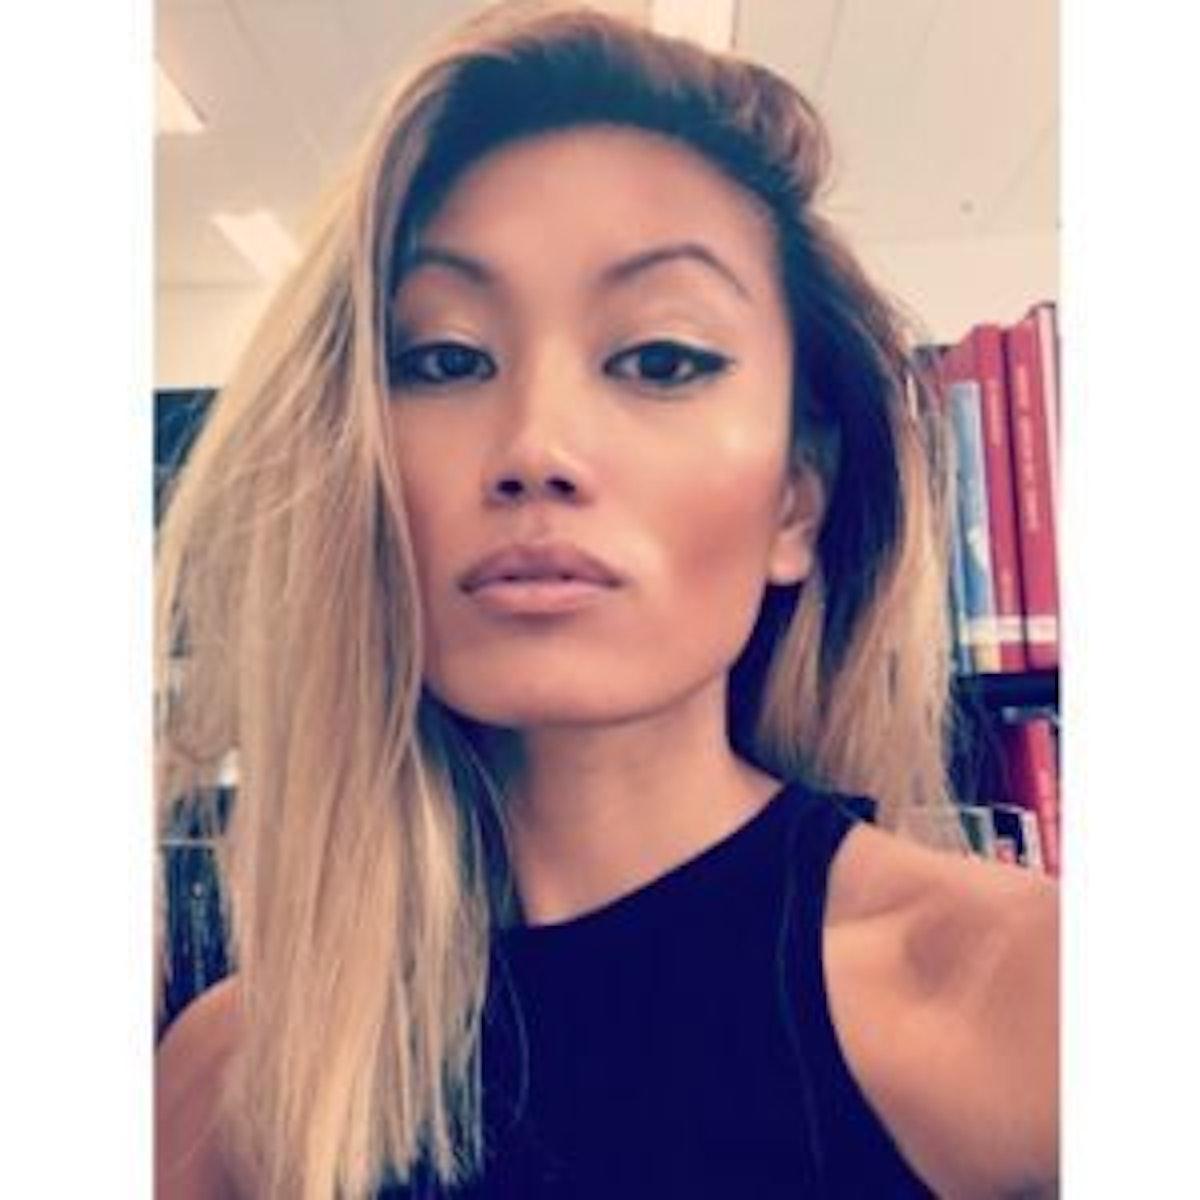 Sheena Reyes